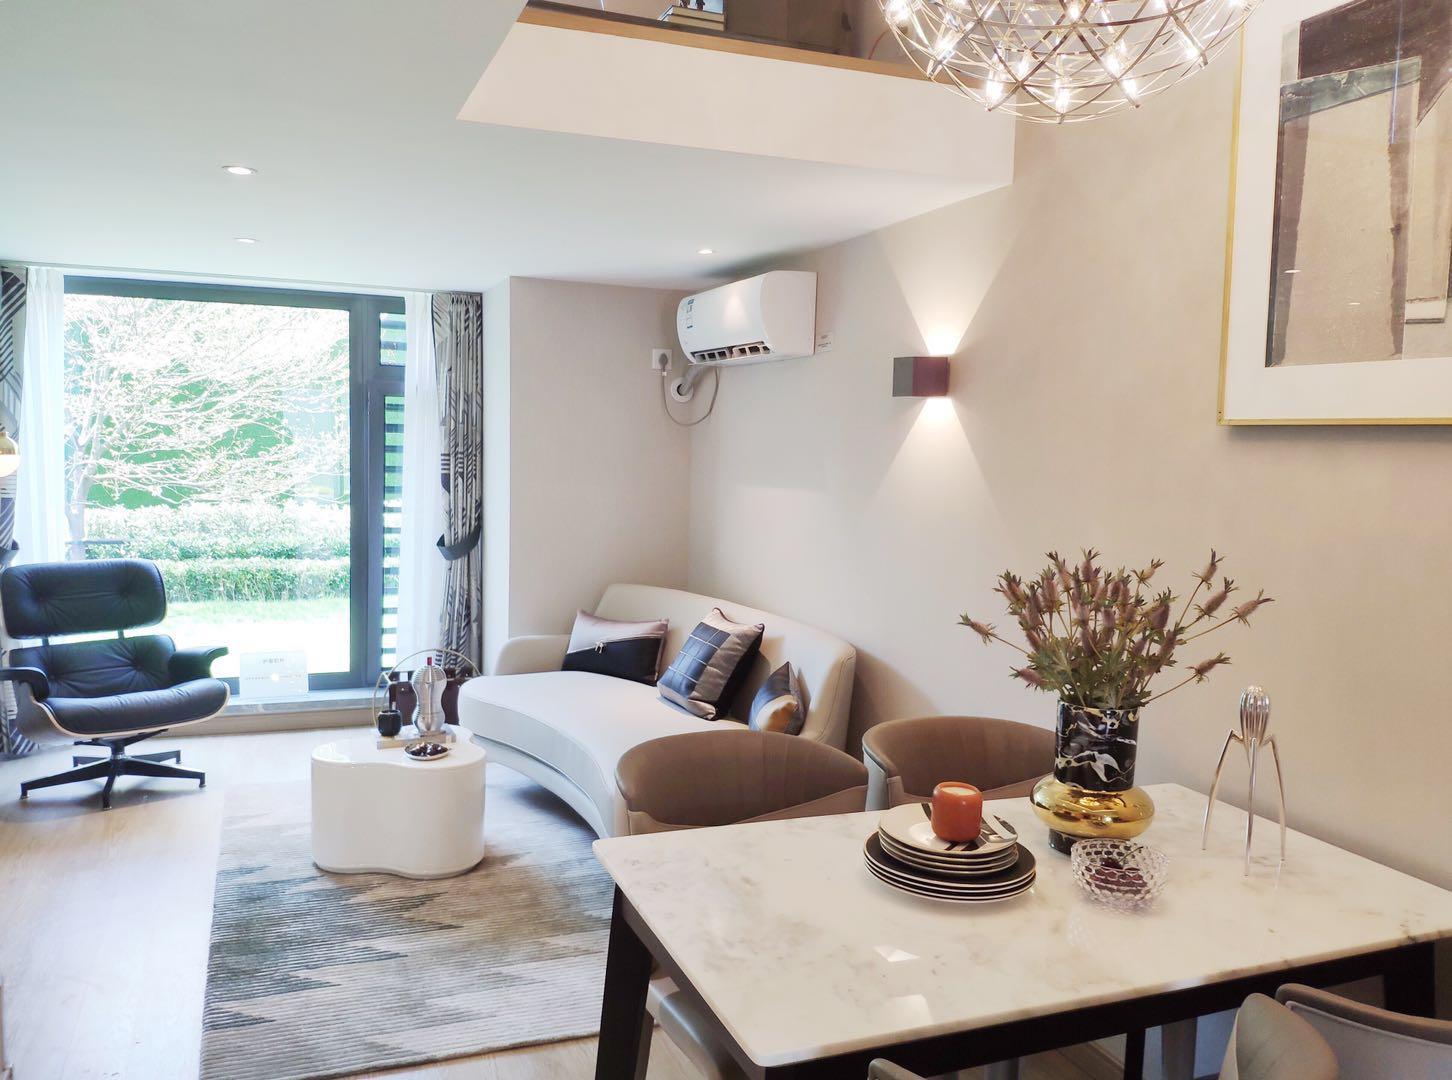 萧山科技城 融创品质 35-55方 均价2W起的LOFT公寓